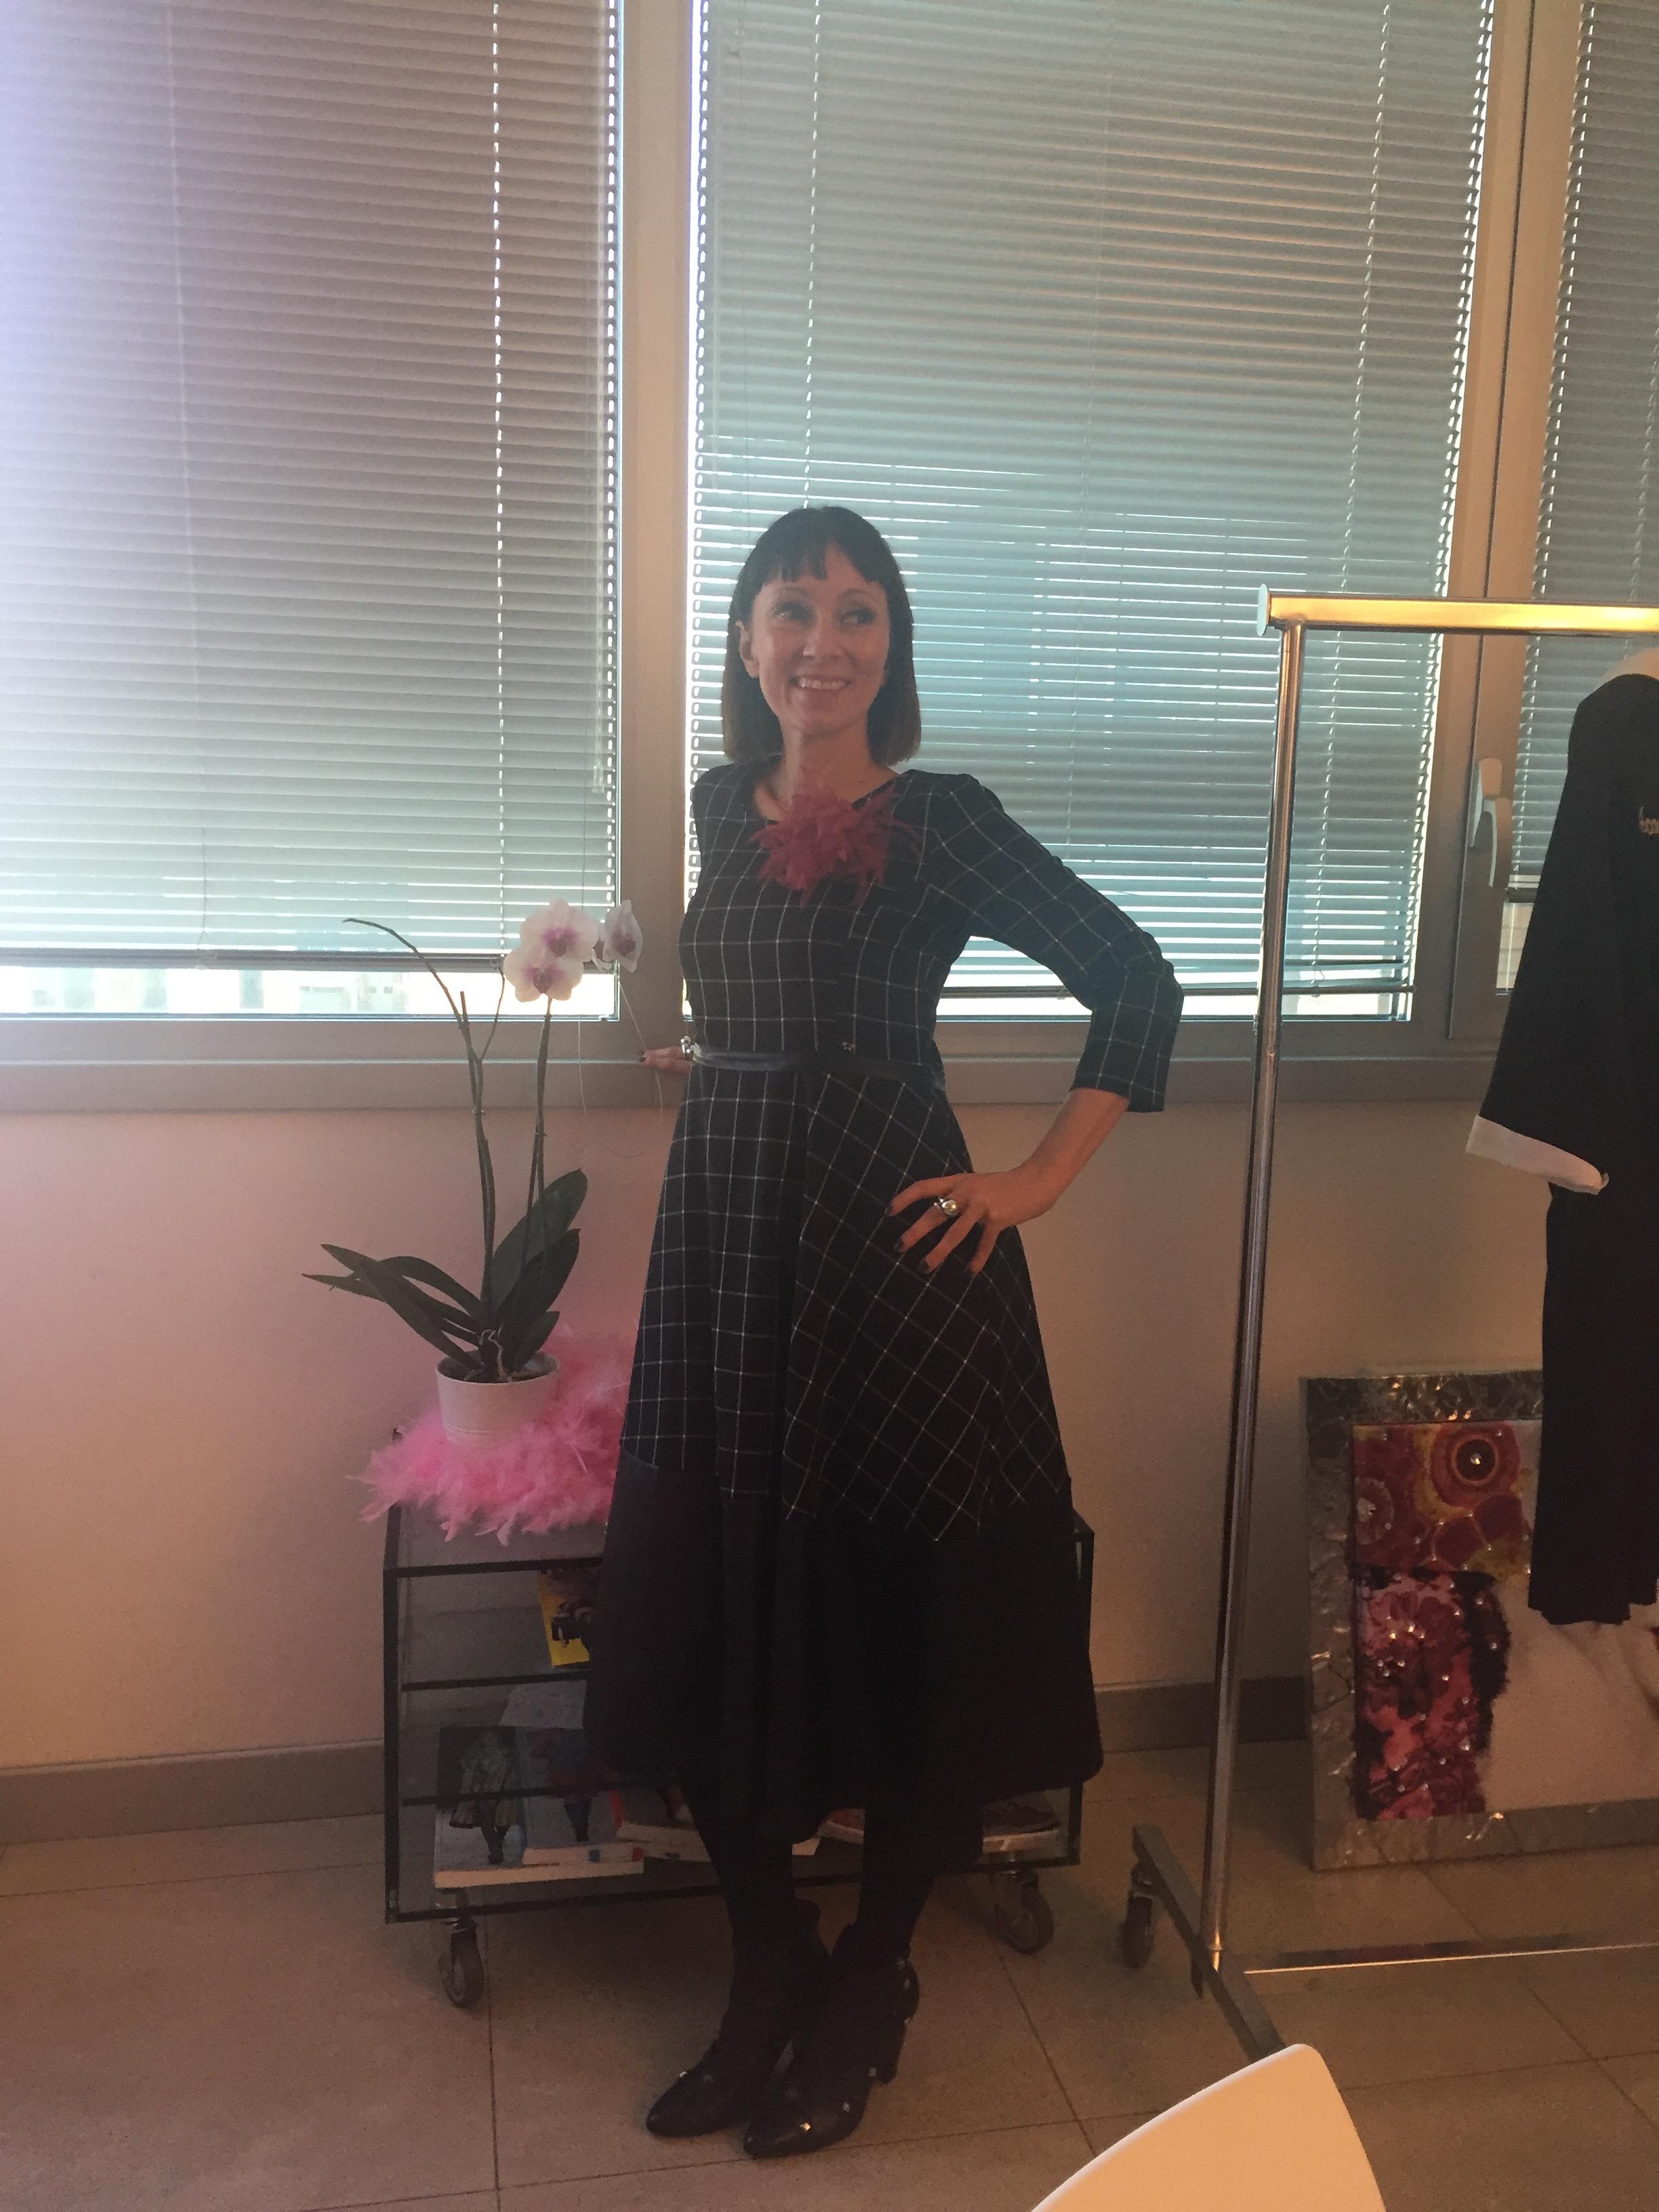 outfit da Carla - Lisa Tenuta Personal Shopper